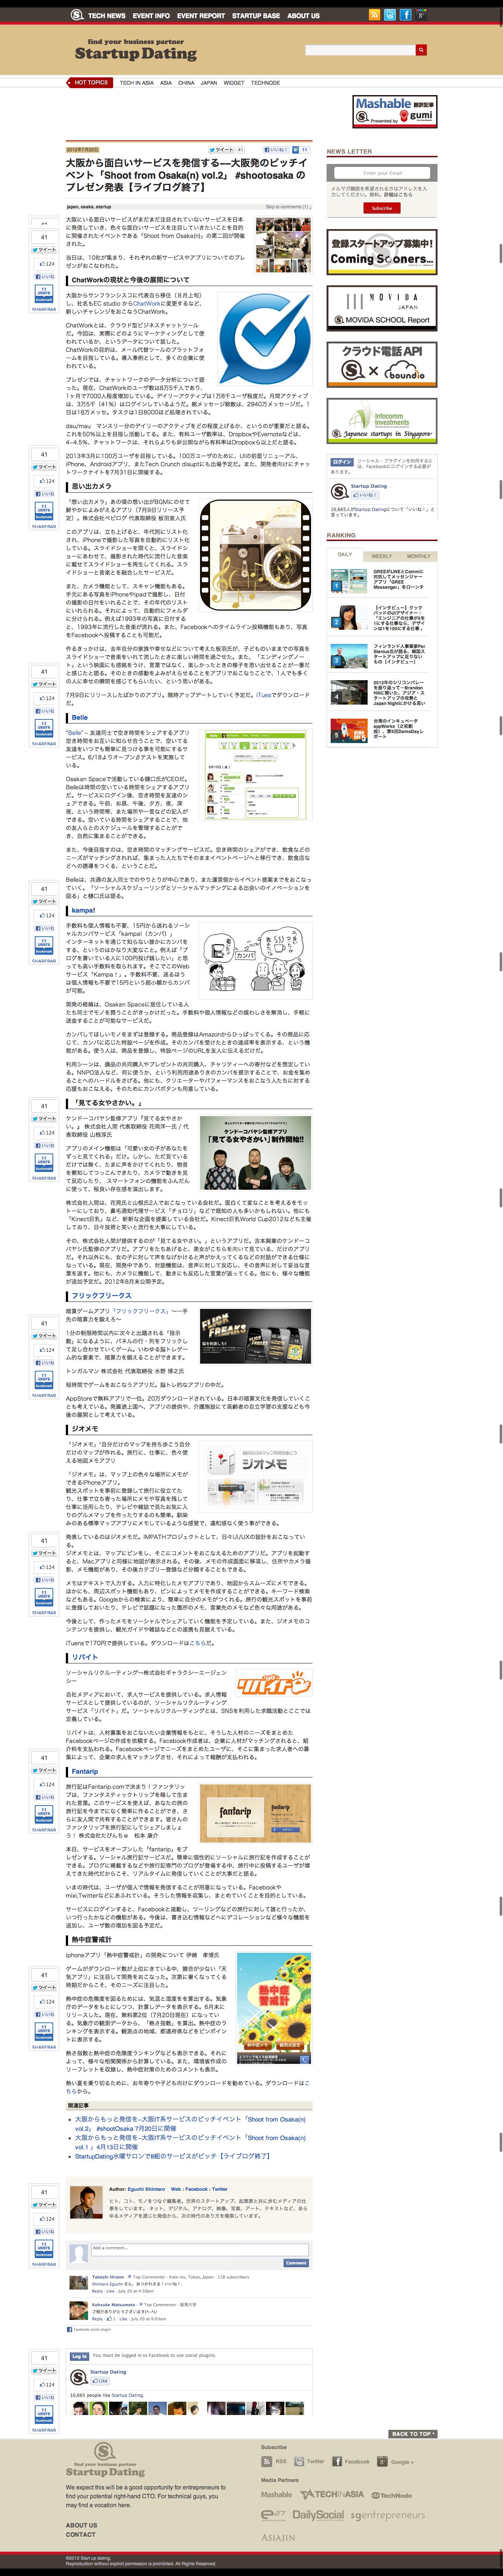 大阪から面白いサービスを発信する−−大阪発のピッチイベント「Shoot from Osaka n  vol.2」 #shootosaka のプレゼン発表【ライブログ終了】   Startup Dating [スタートアップ・デイティング -181328